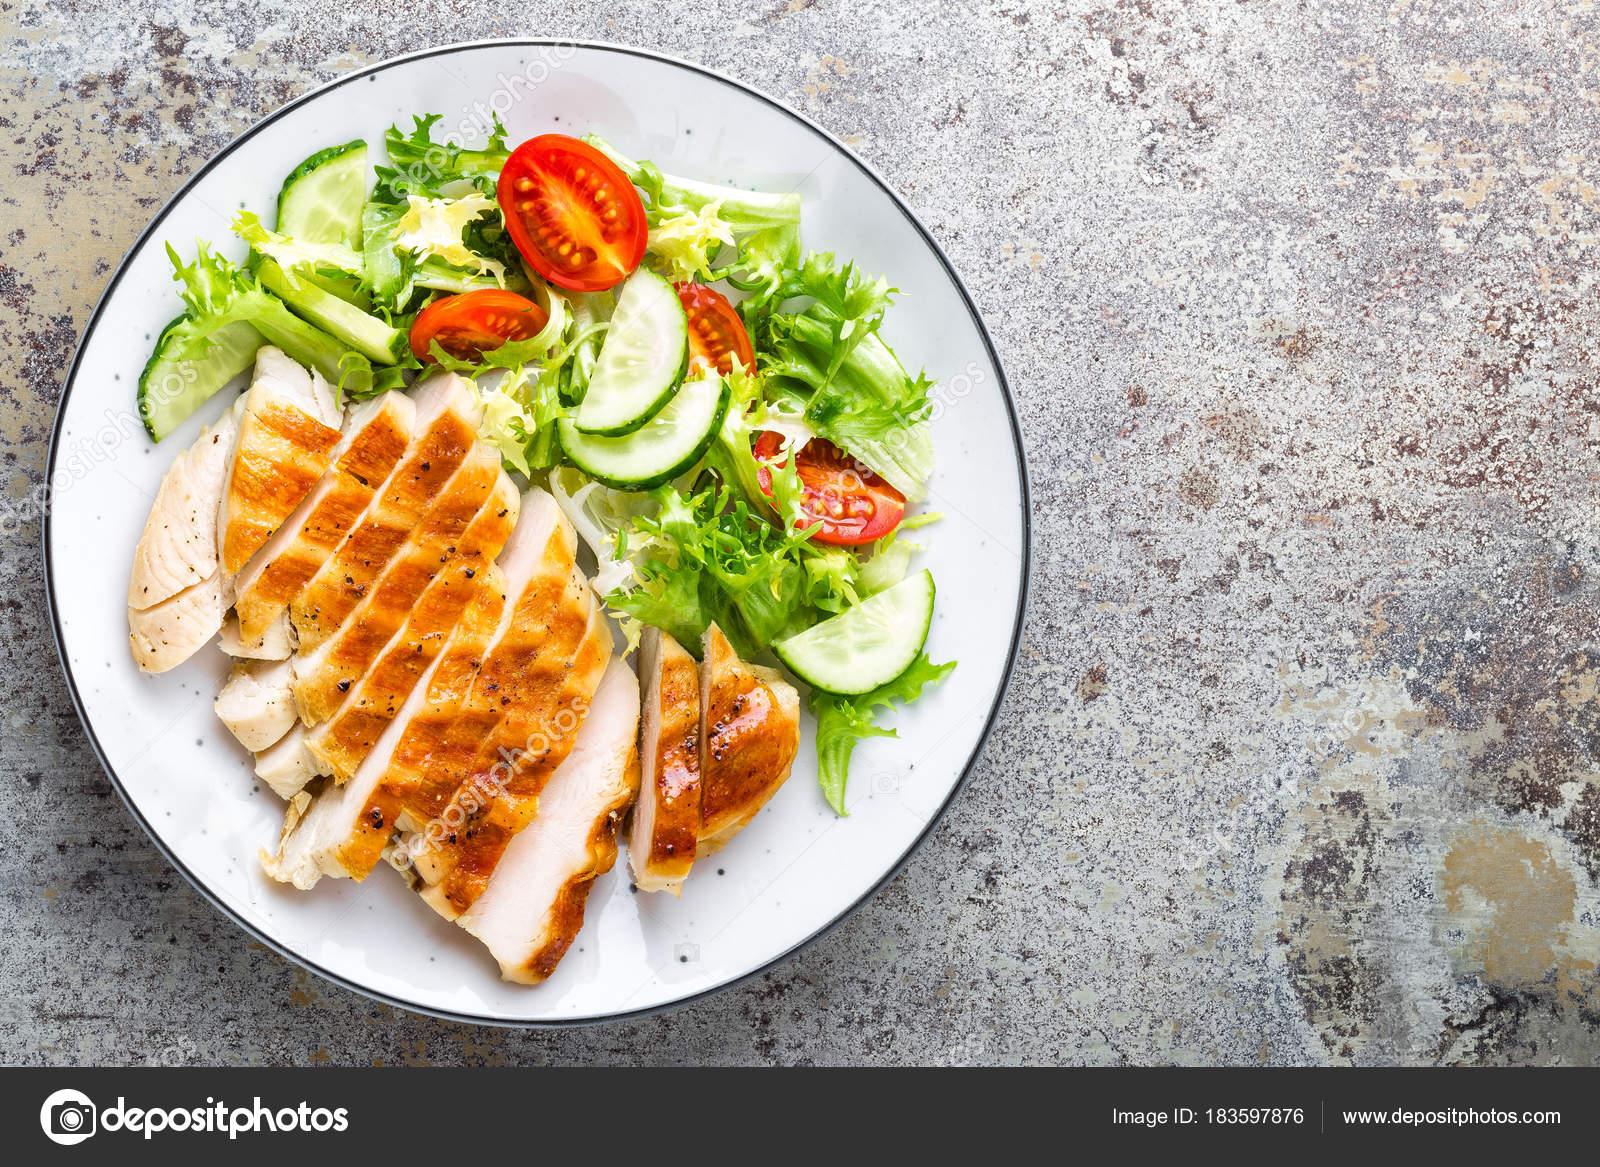 dieta di pomodoro e lattuga di pollo